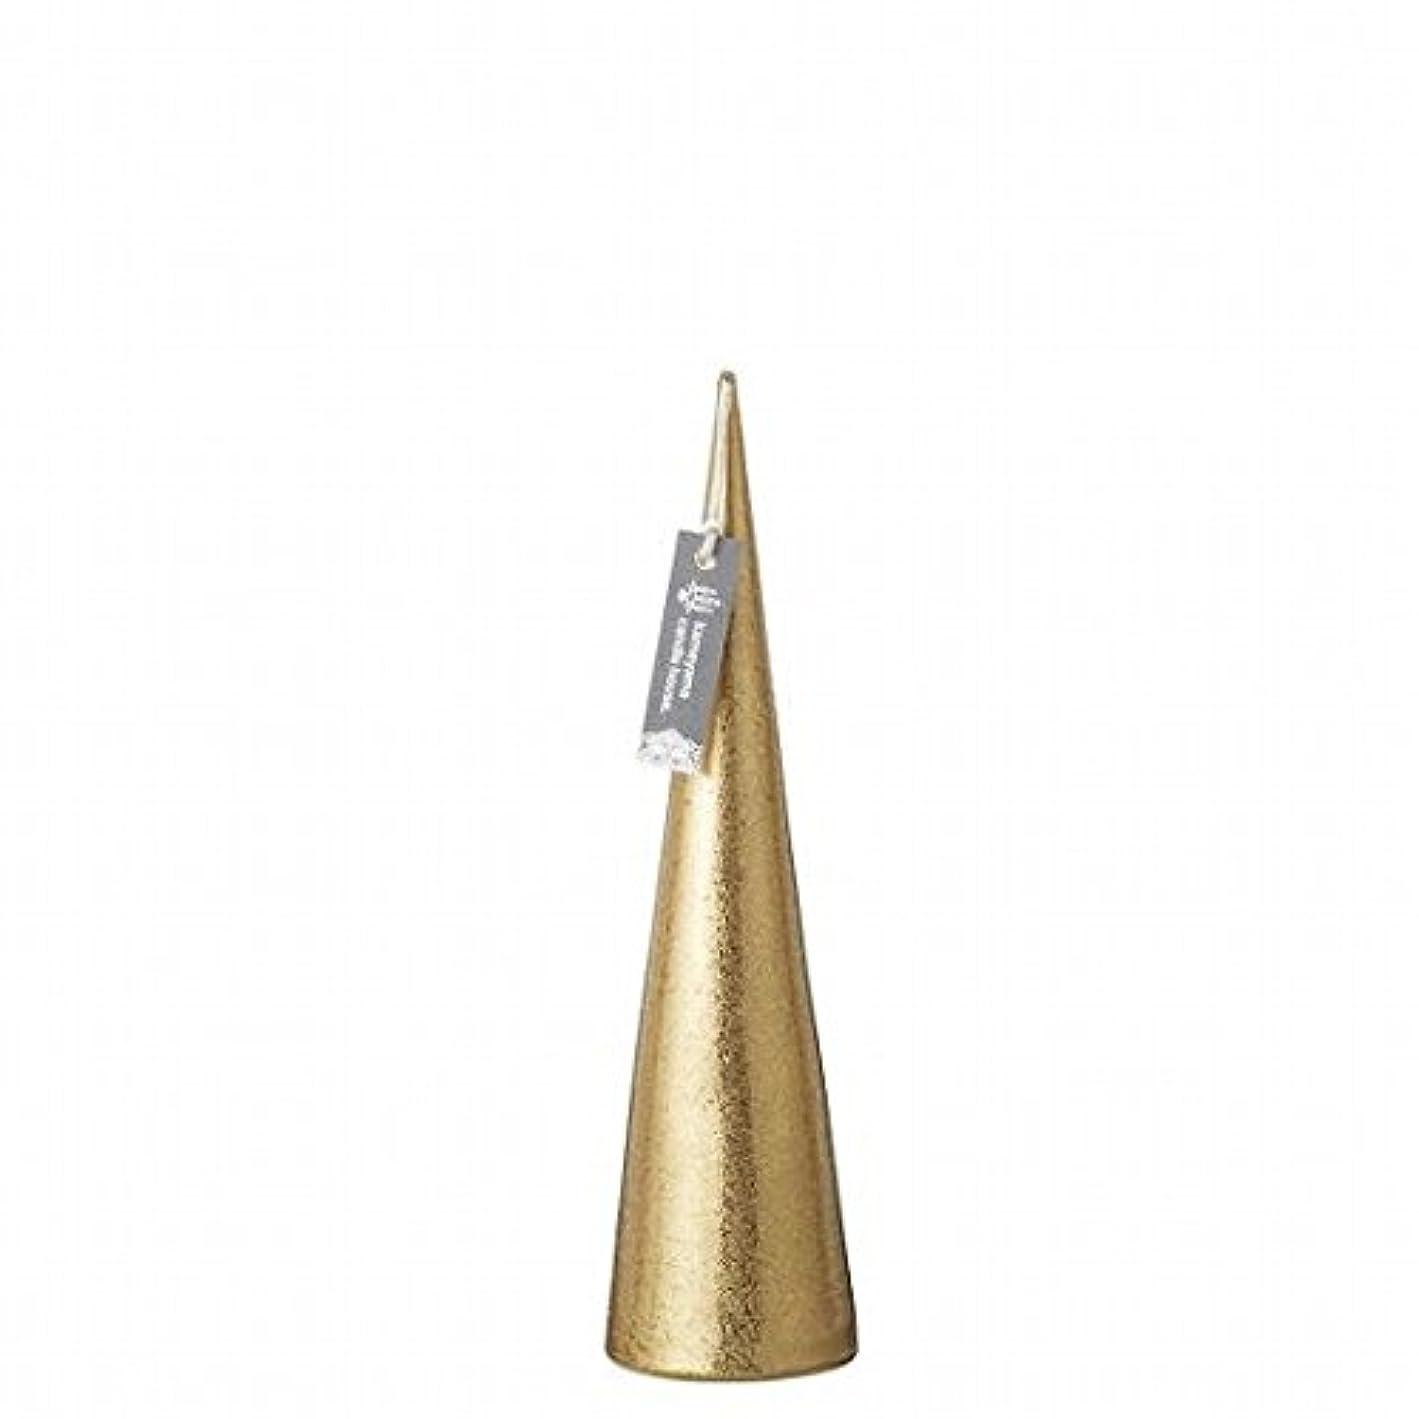 ご覧ください組み合わせ水曜日kameyama candle(カメヤマキャンドル) メタリックコーンM「 ゴールド 」(A9560110GO)